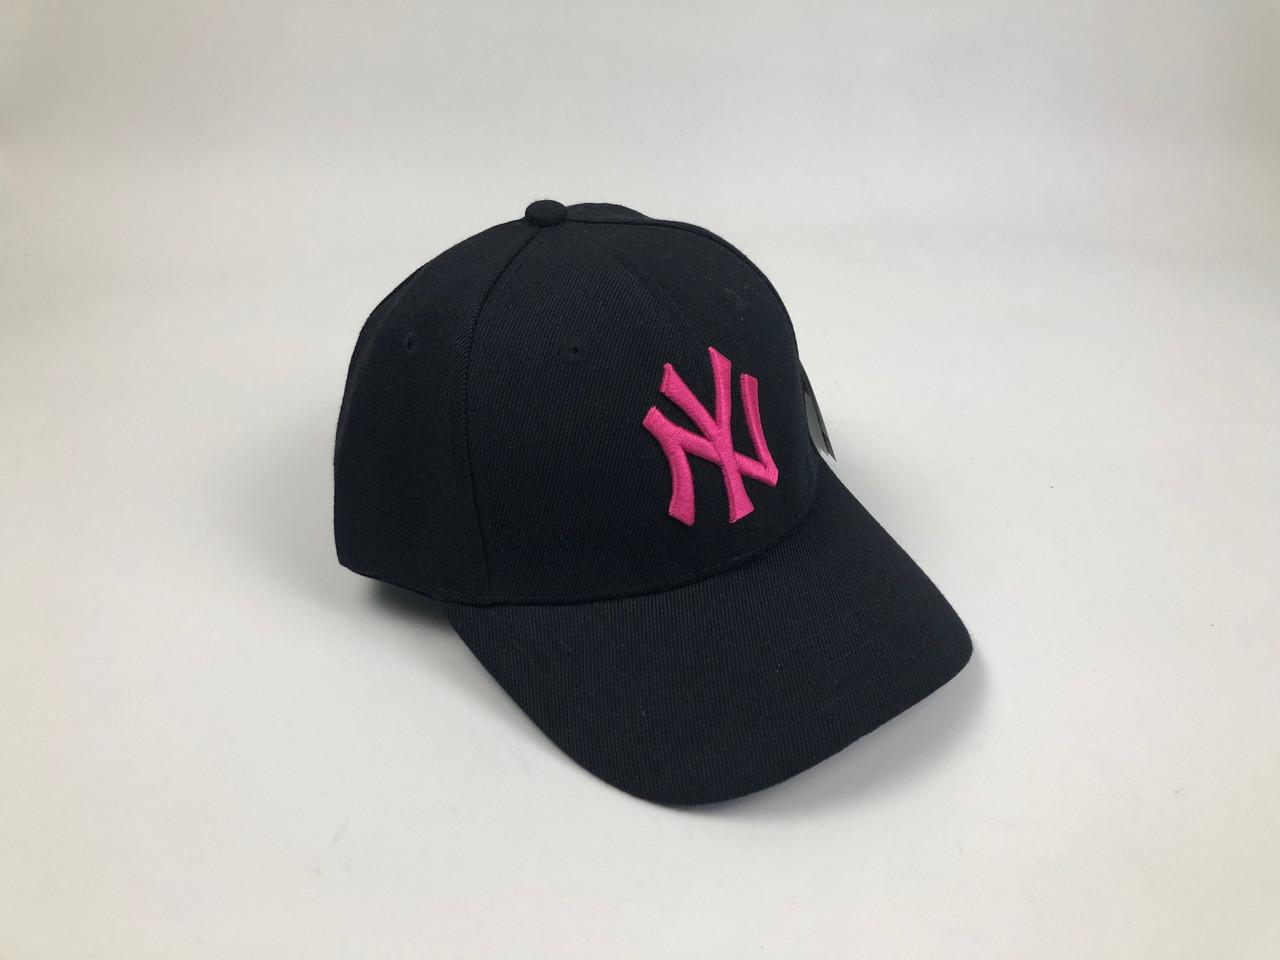 Кепка Бейсболка Мужская Женская MLB New York Yankees NY Черная с Розовым лого